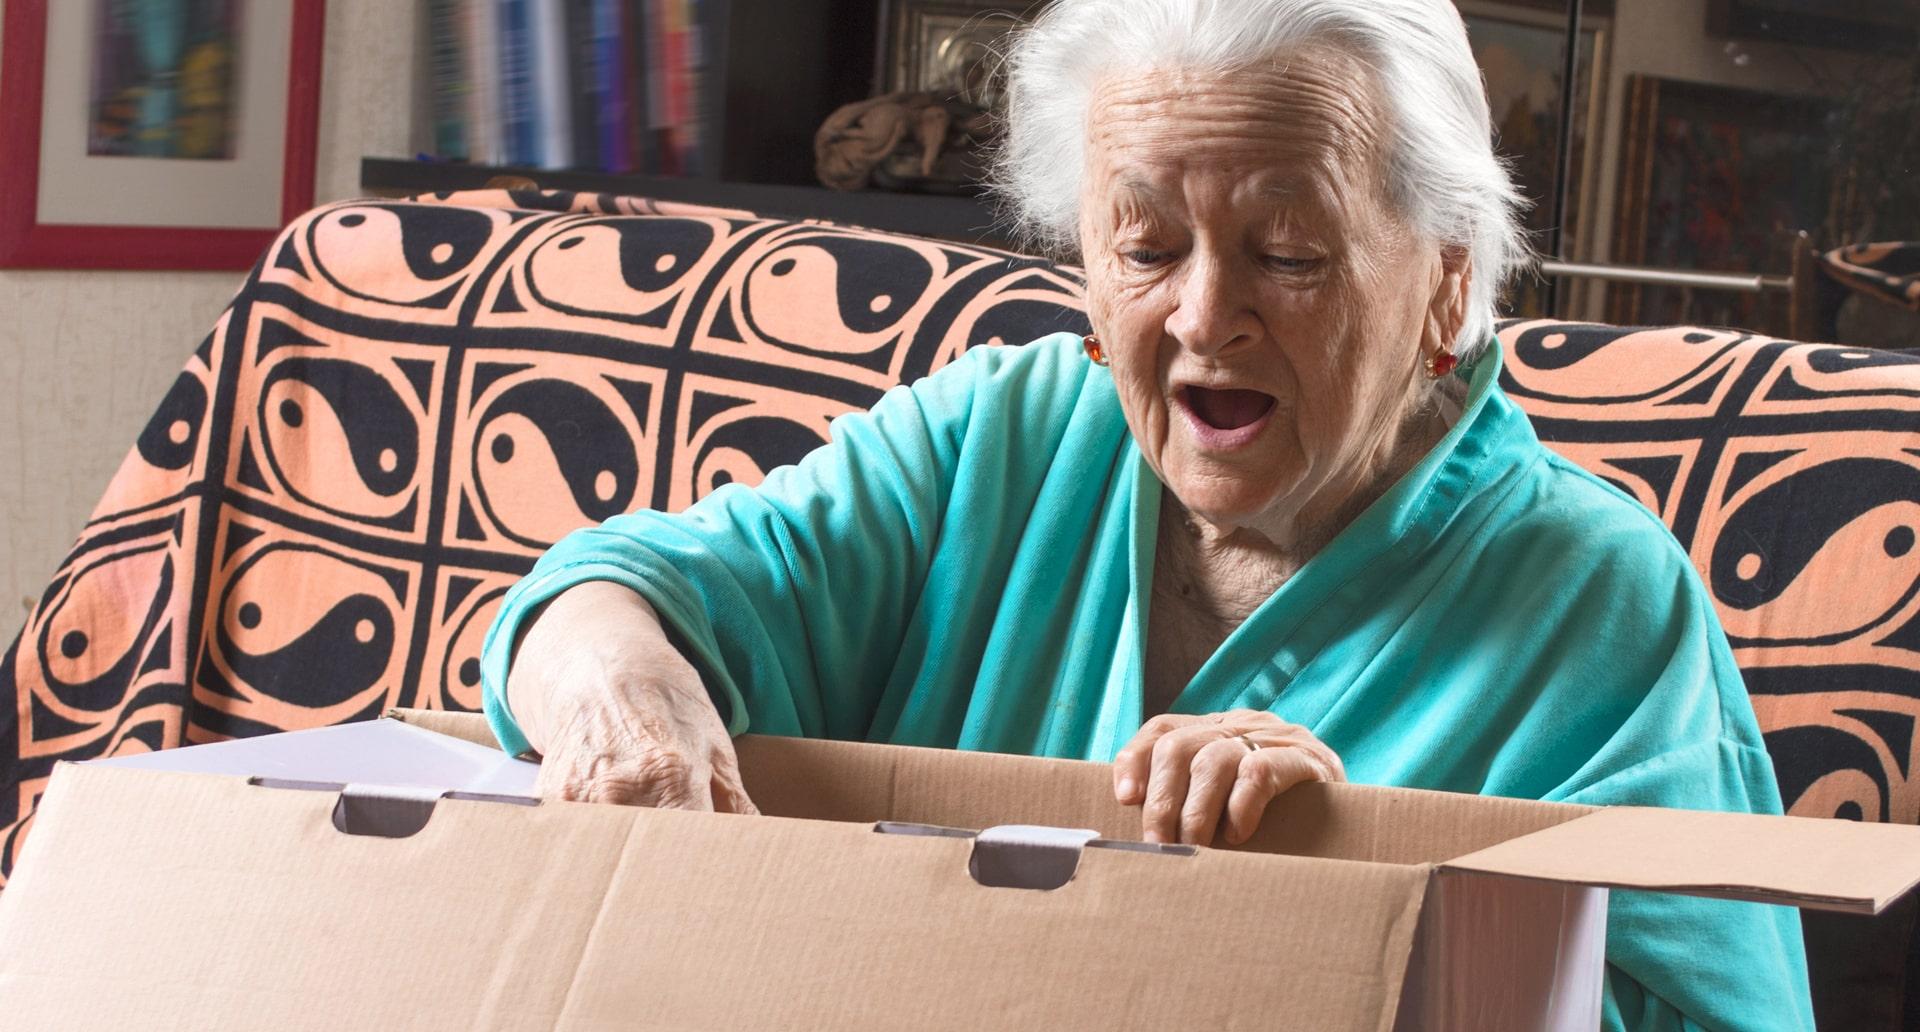 idée cadeau grand mère 80 ans